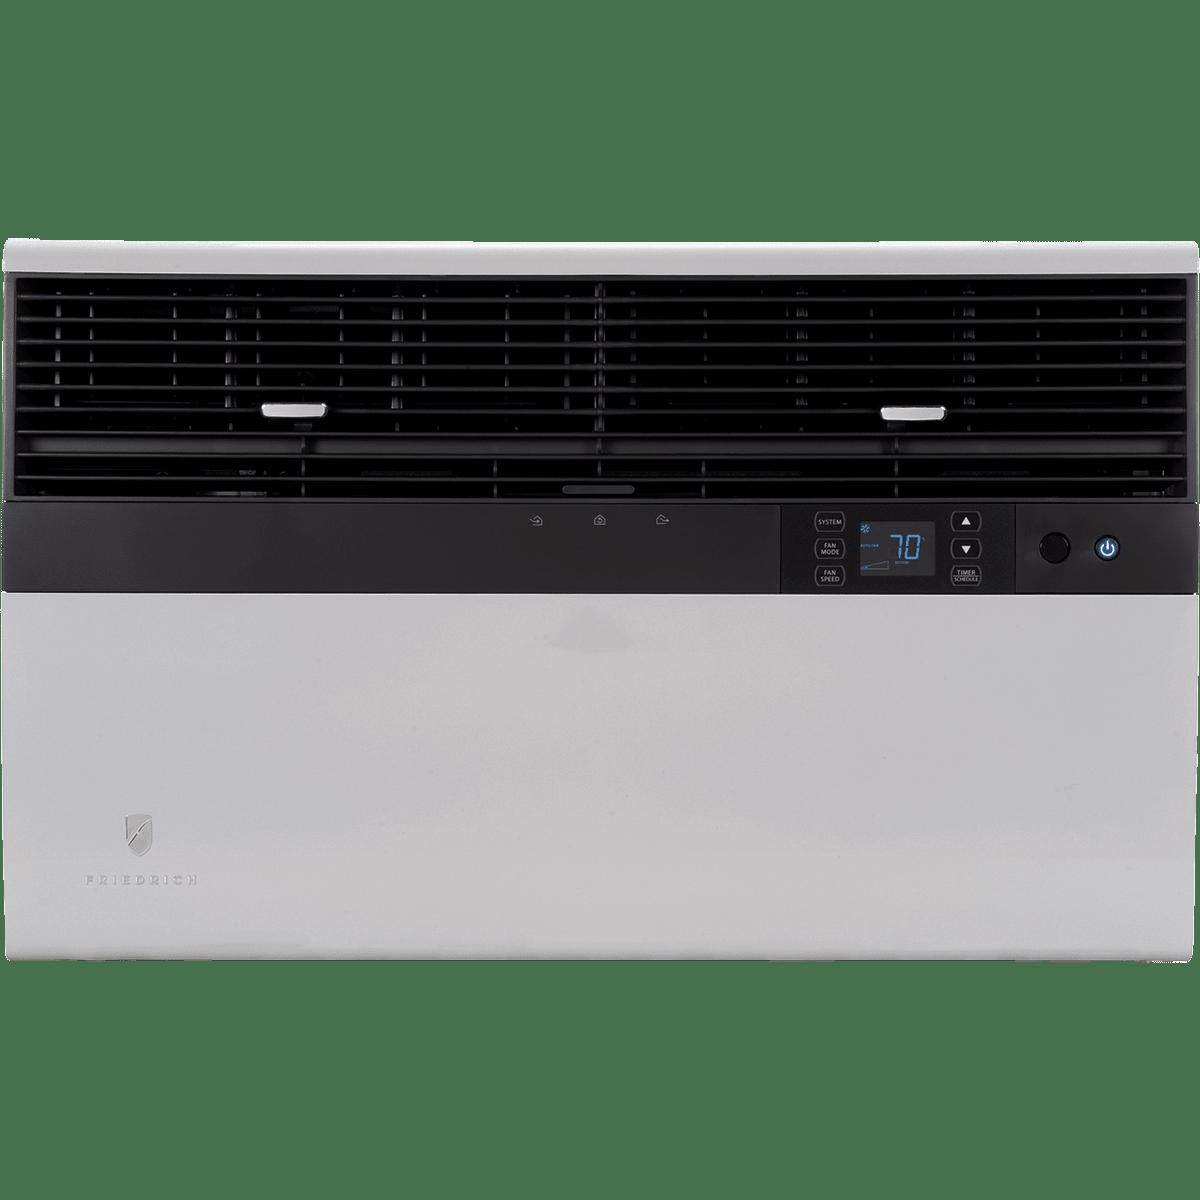 Friedrich Kuhl SS12N10C 12,000 BTU Window Air Conditioner fr2557